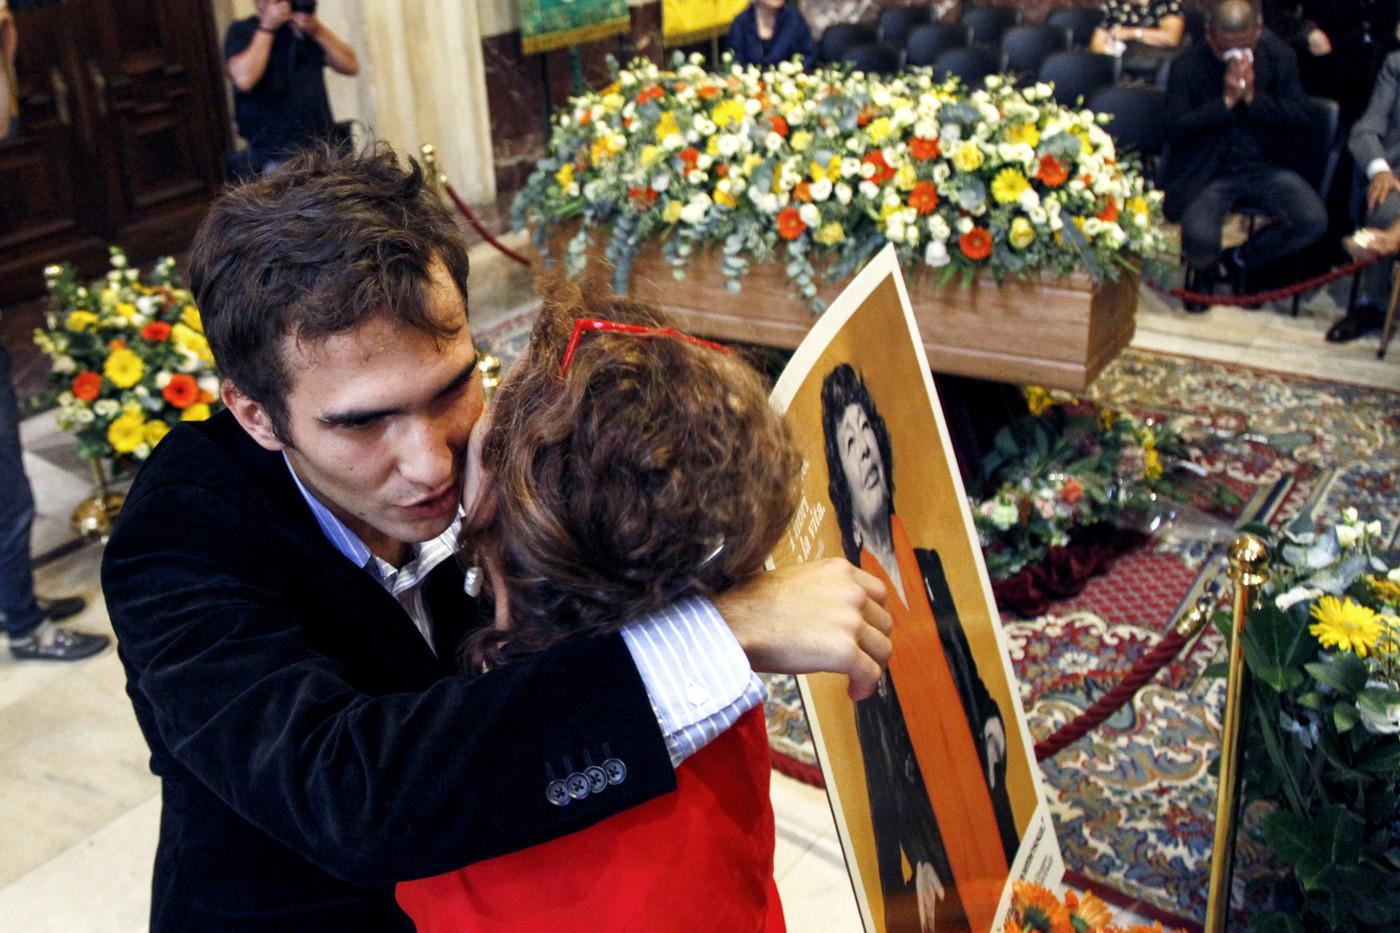 Addio a Inge Feltrinelli, l'omaggio dei milanesi alla camera ardente